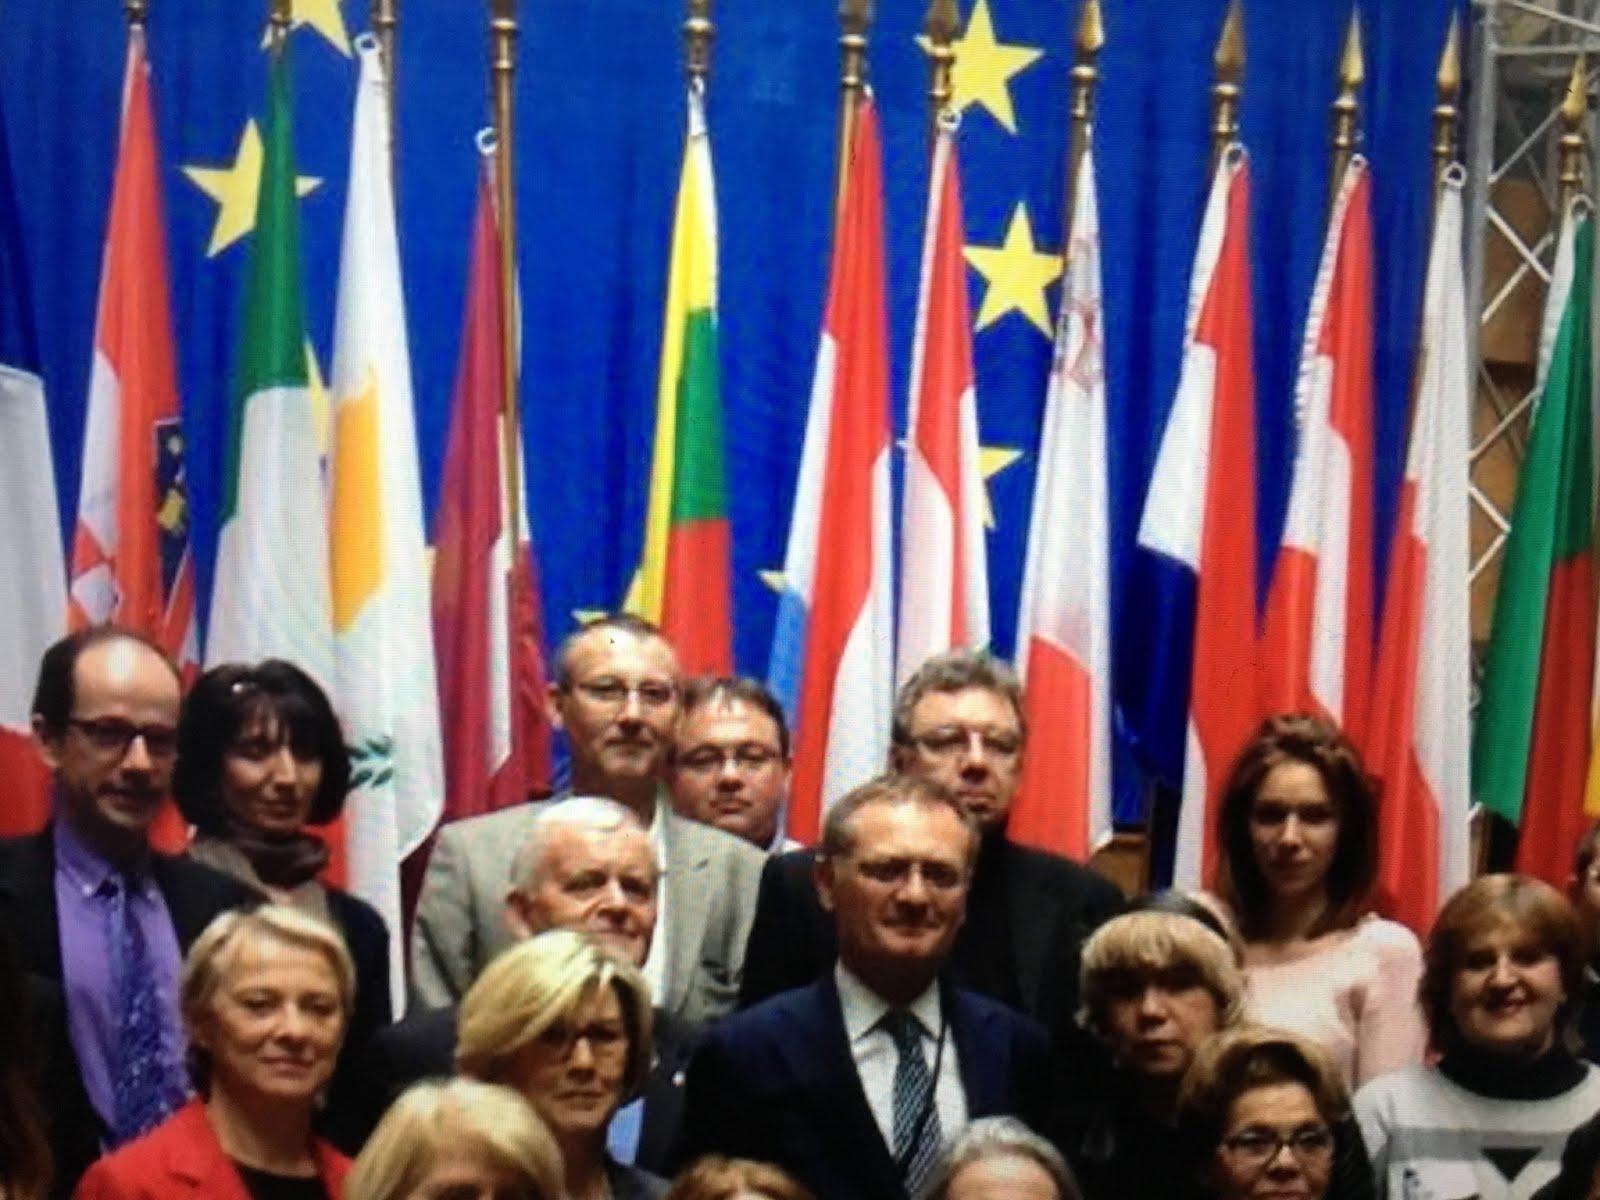 *Parlement Européen à Strasbourg*